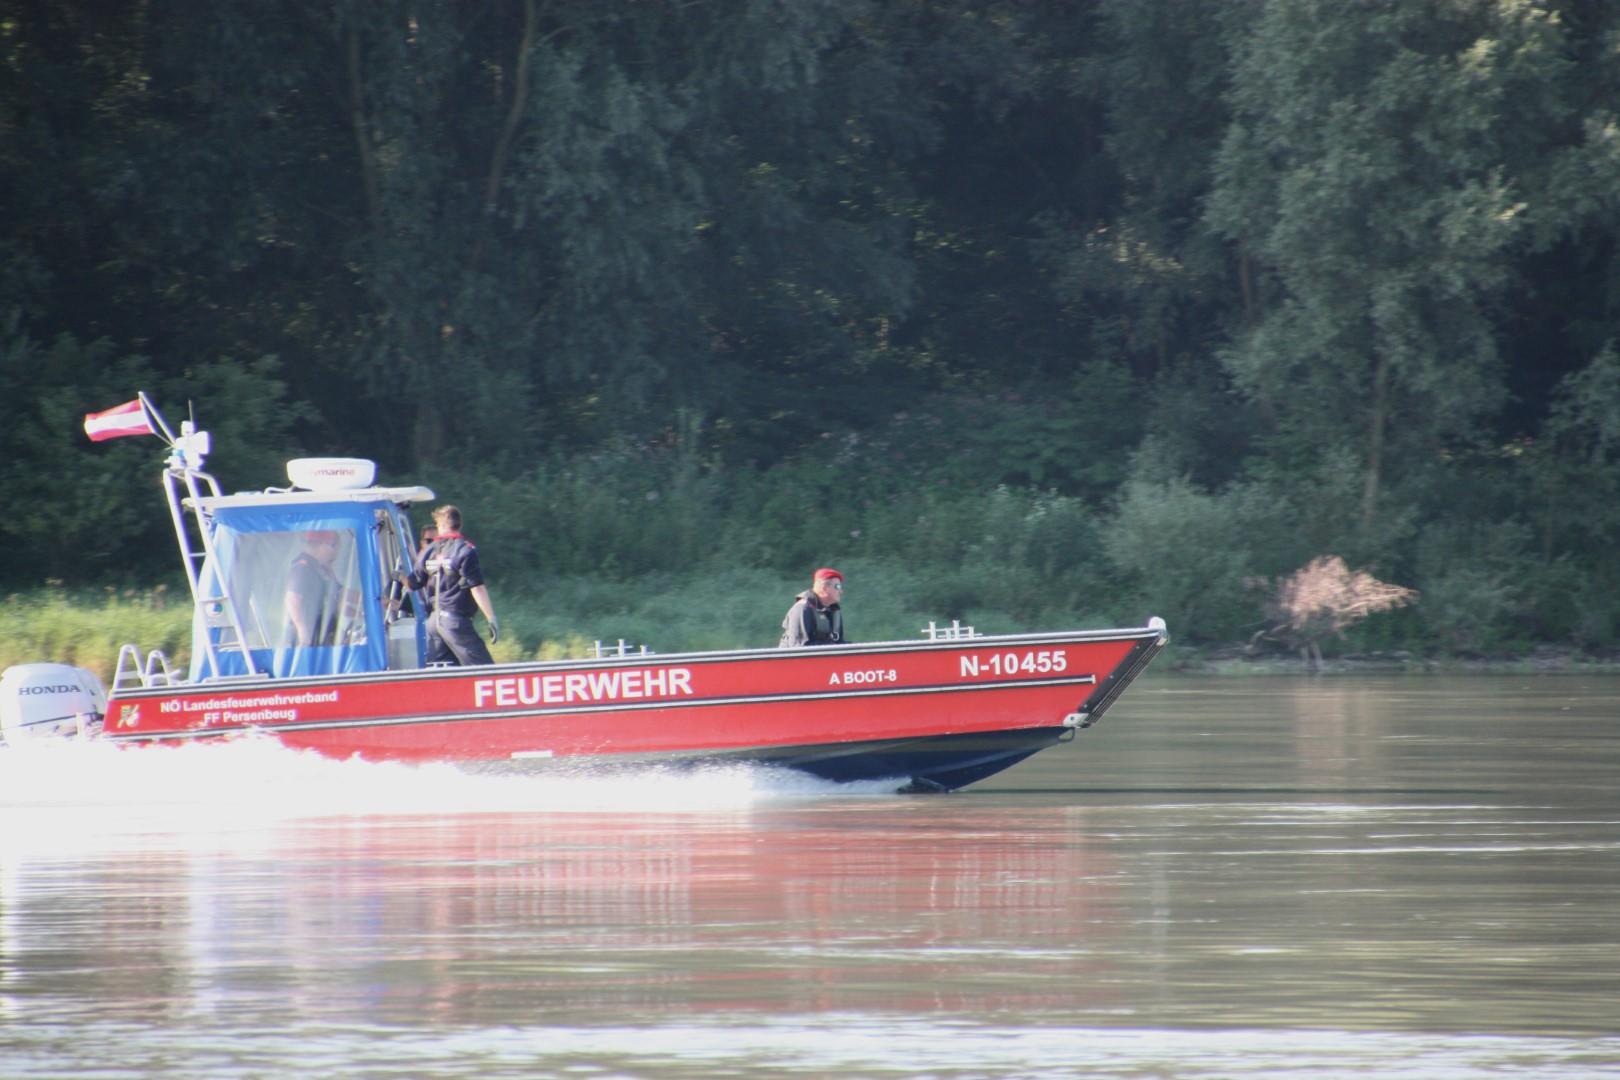 Ausbildungsprüfung-Feuerwehrboote-in-Bronze-11-Groß